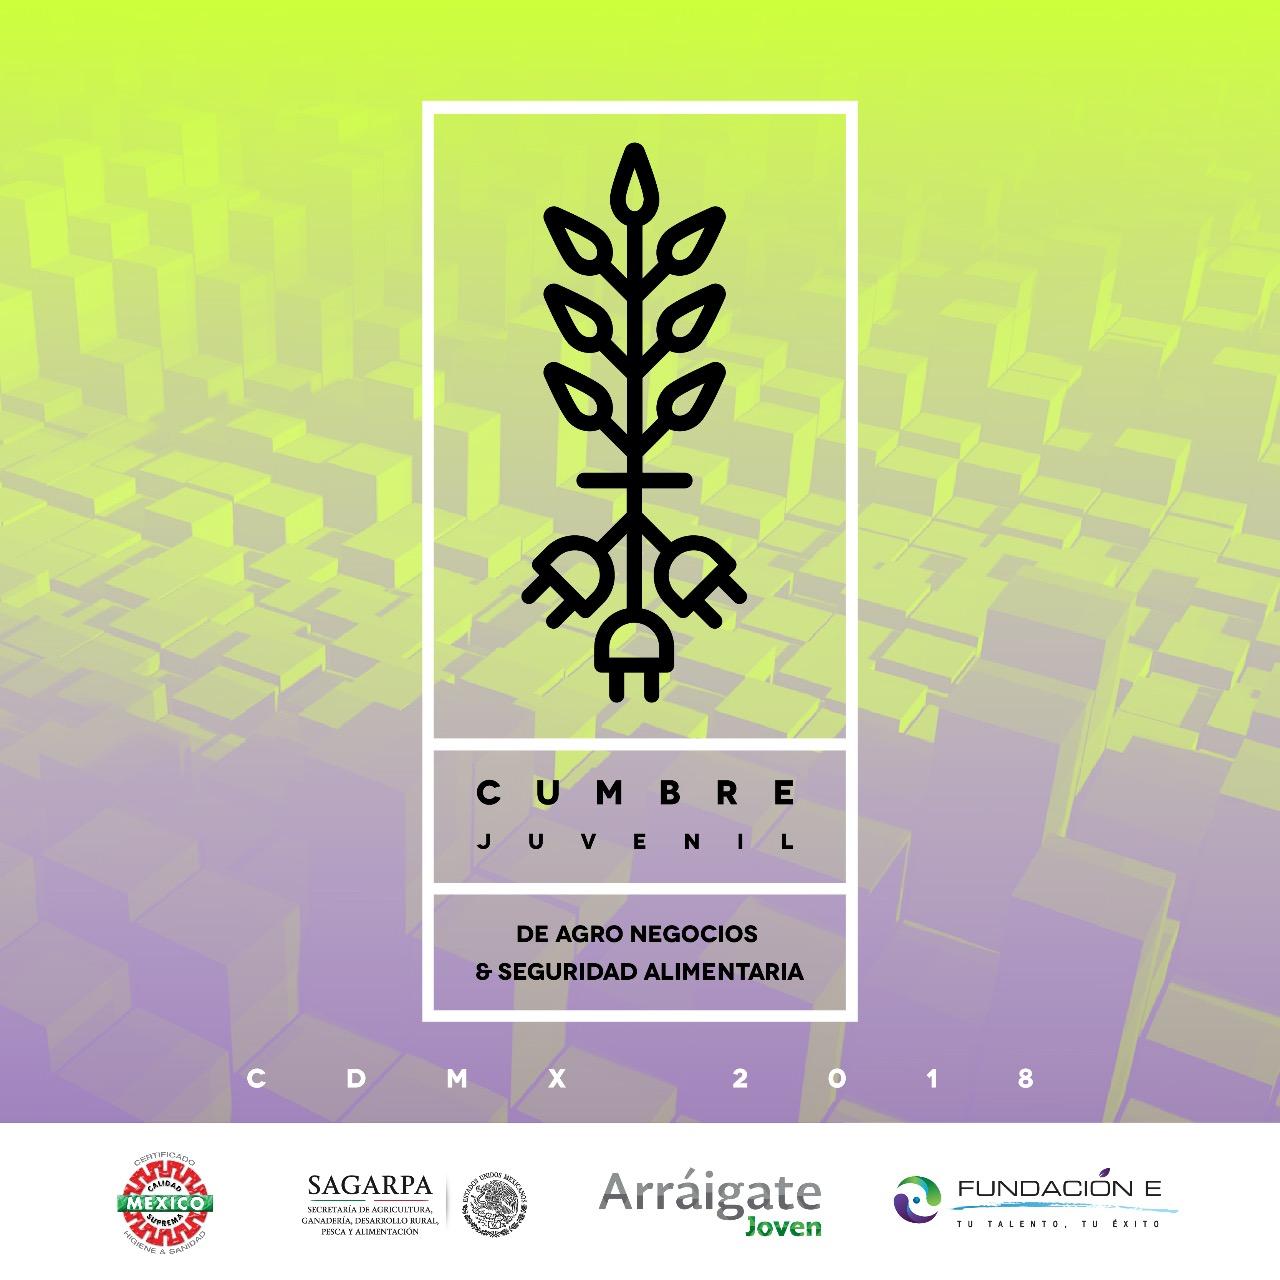 Cumbre juvenil de agronegocios llega a Expo Reforma